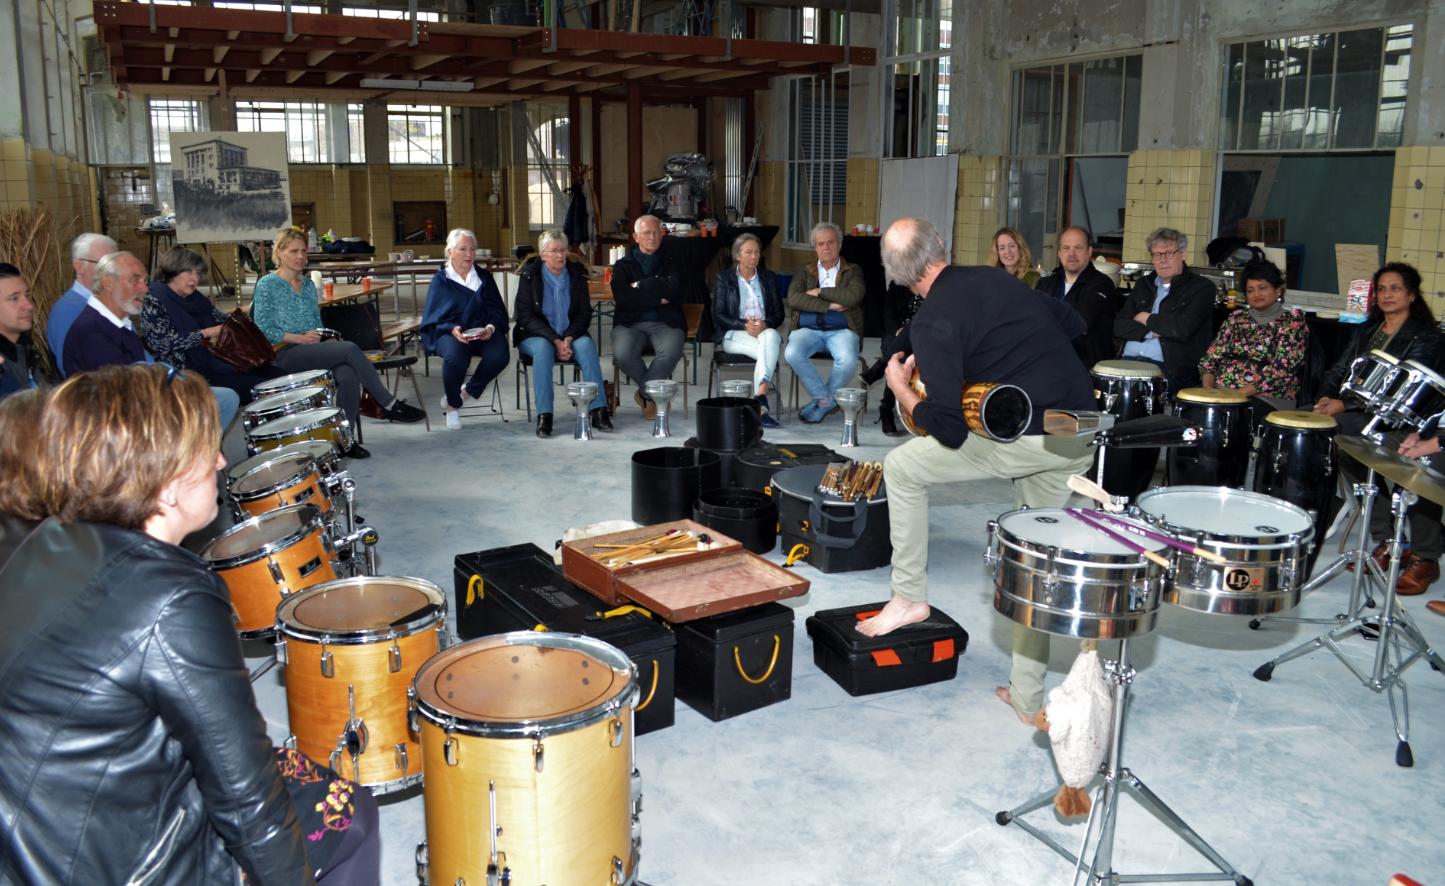 Veel enthousiasme bij de percussie workshop (Foto: Jobmaatjes)